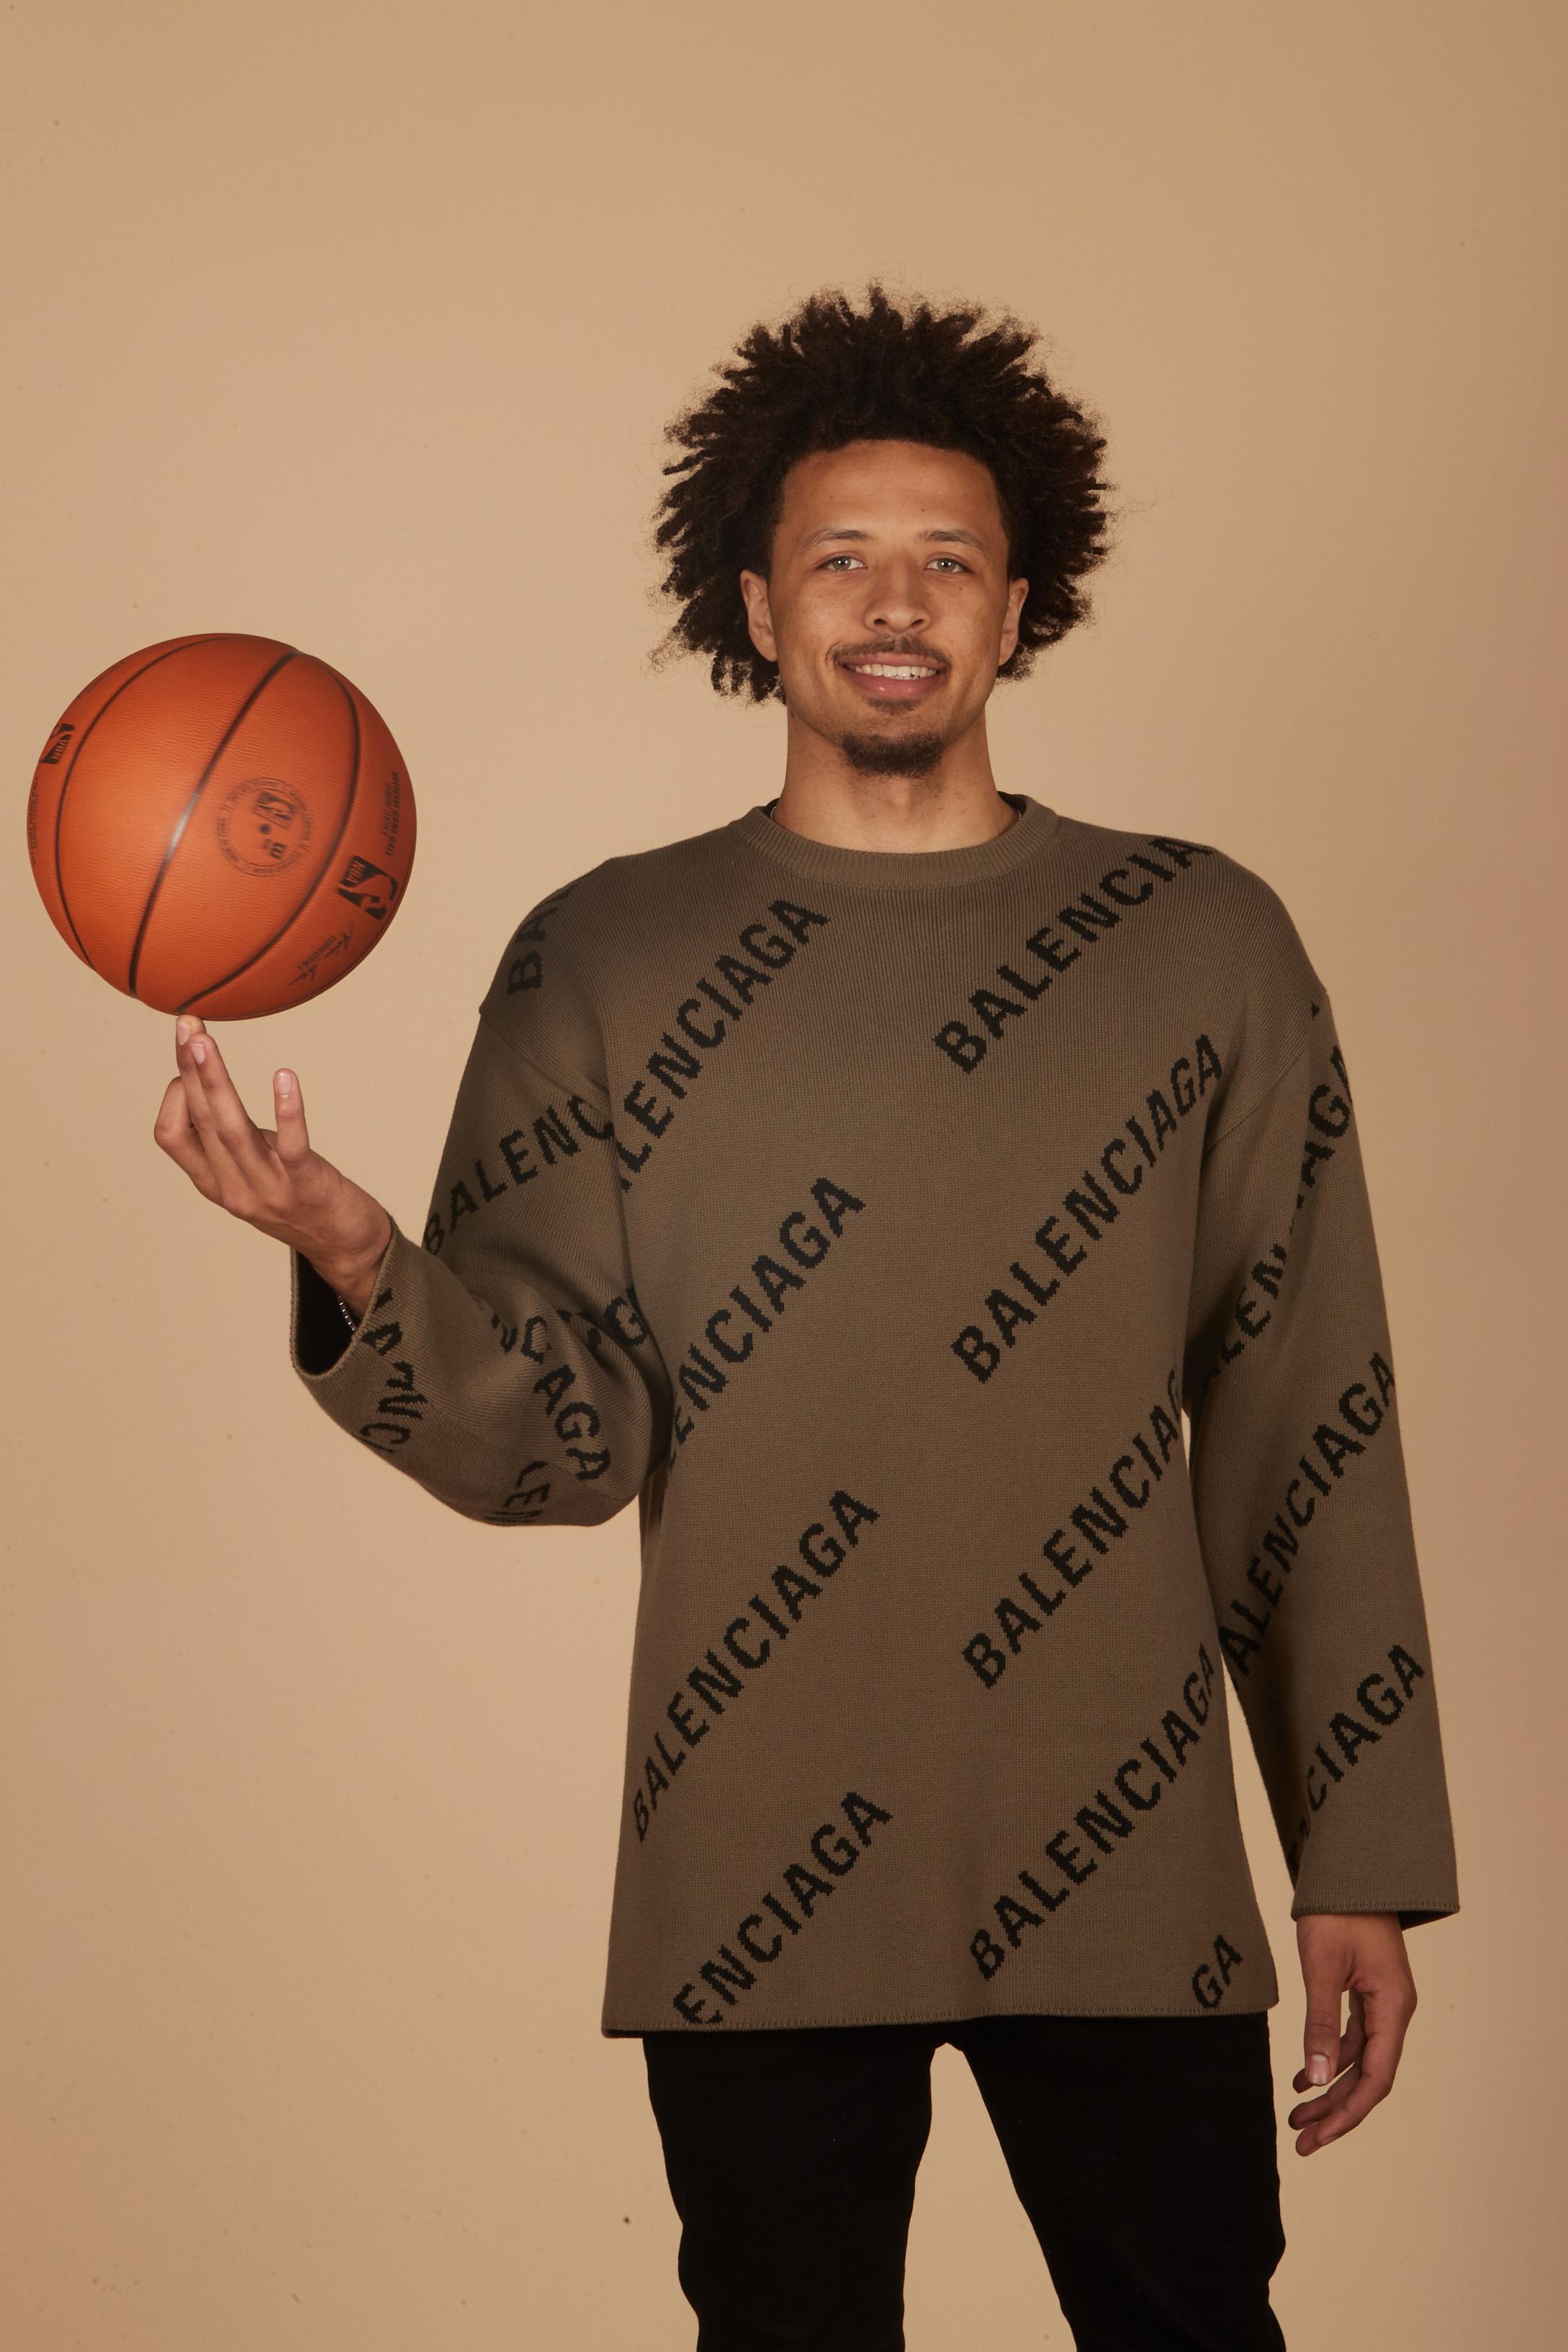 2021 NBA Draft - Media Availability and Portraits